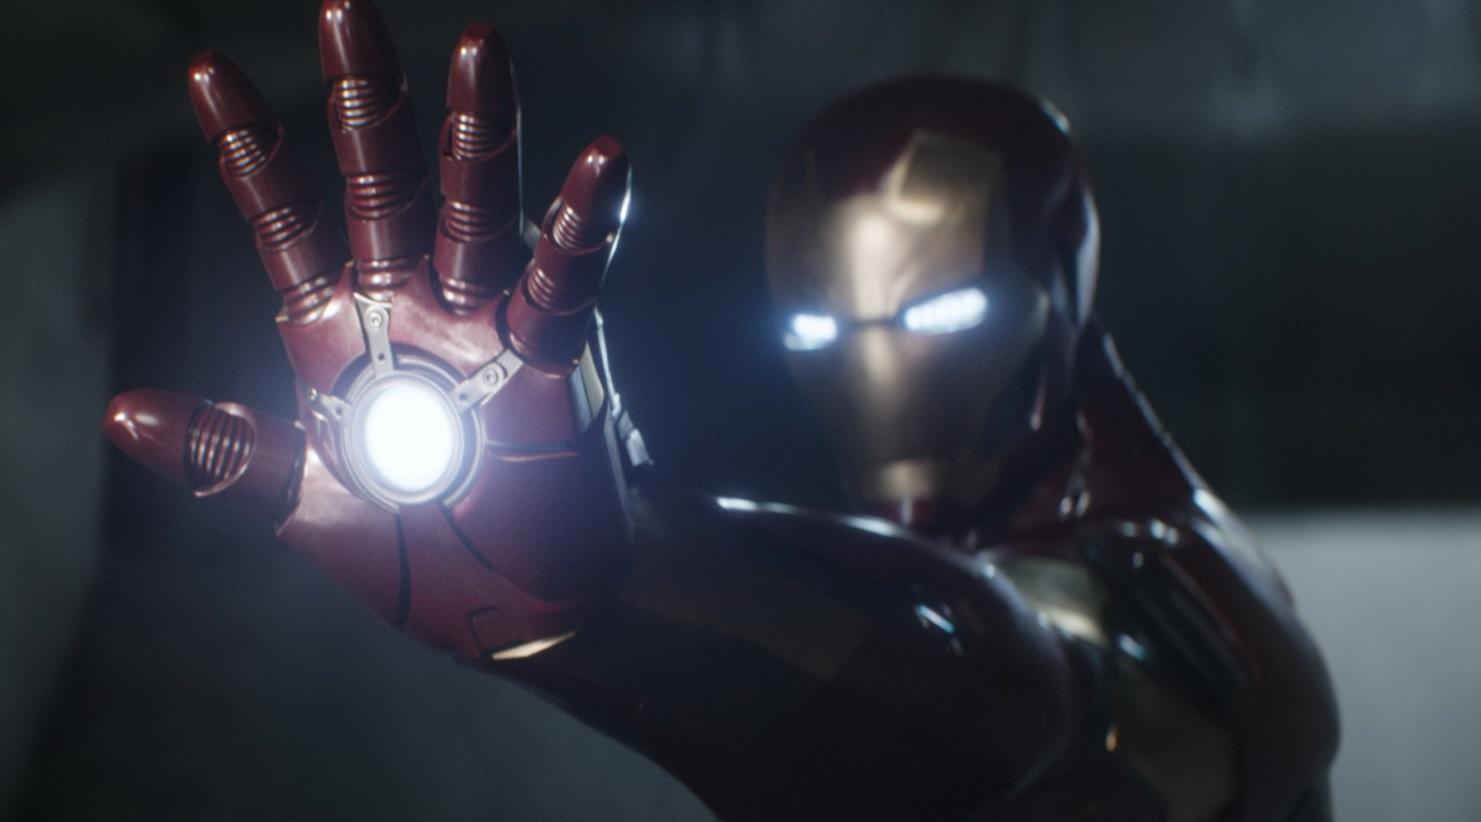 Marvel narazil na moderný trend seriálovosti